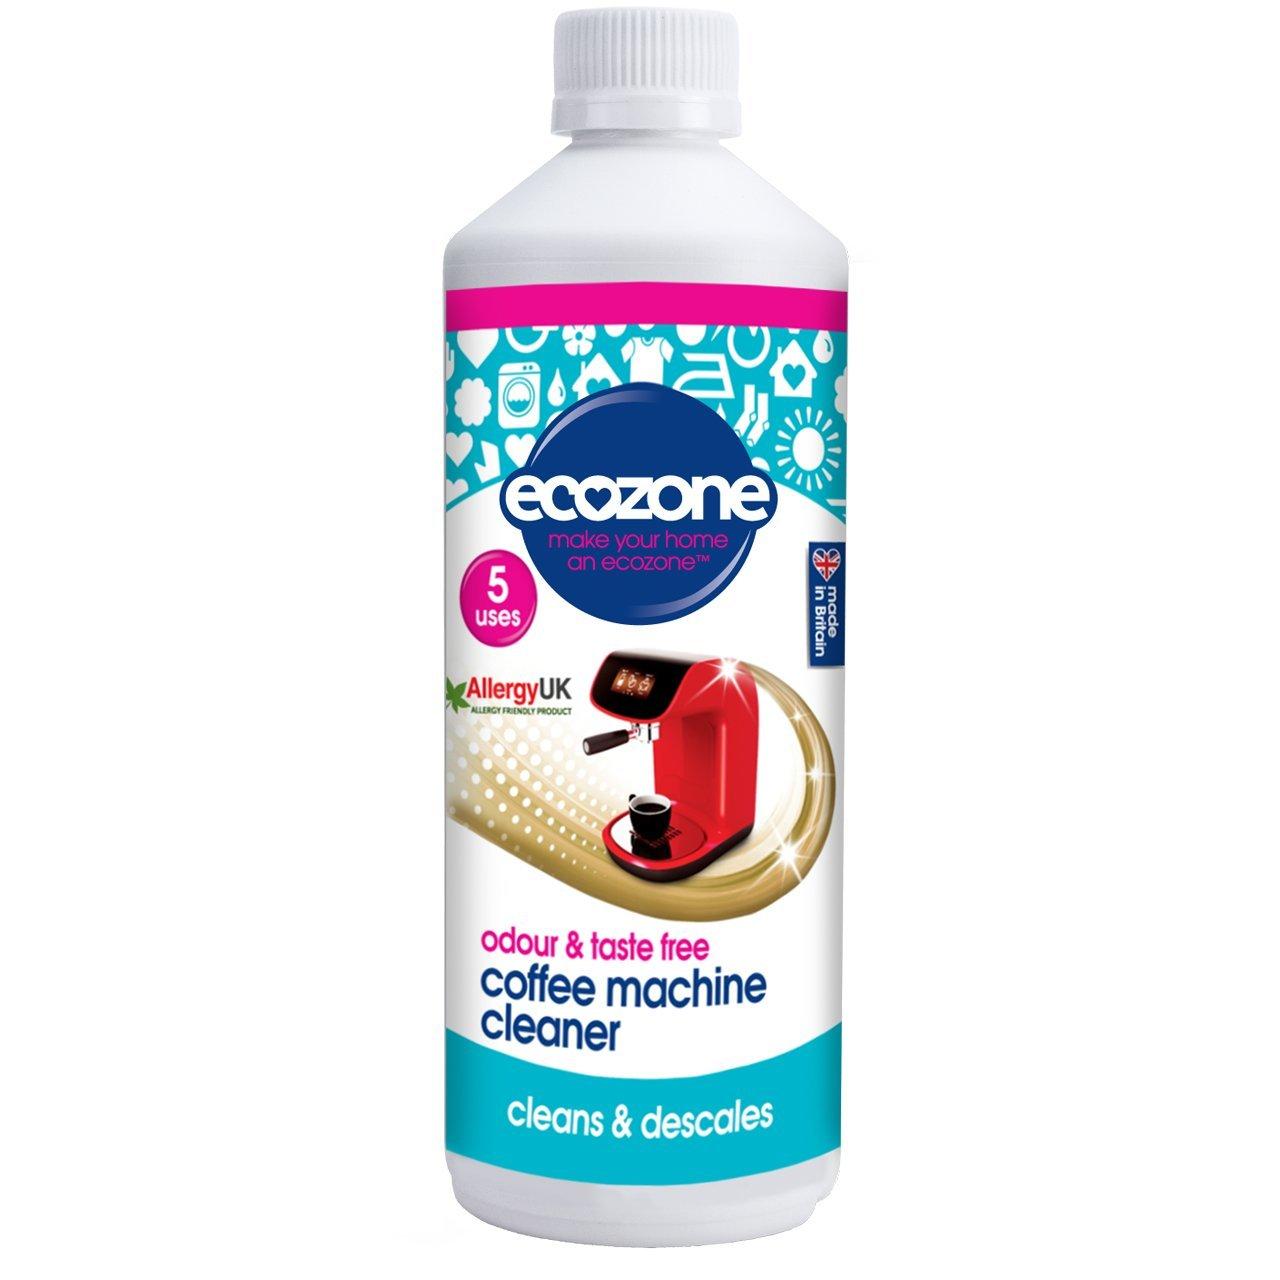 Ecozone Coffee Machine Cleanerdescale 500ml X 3 Pack Of 3